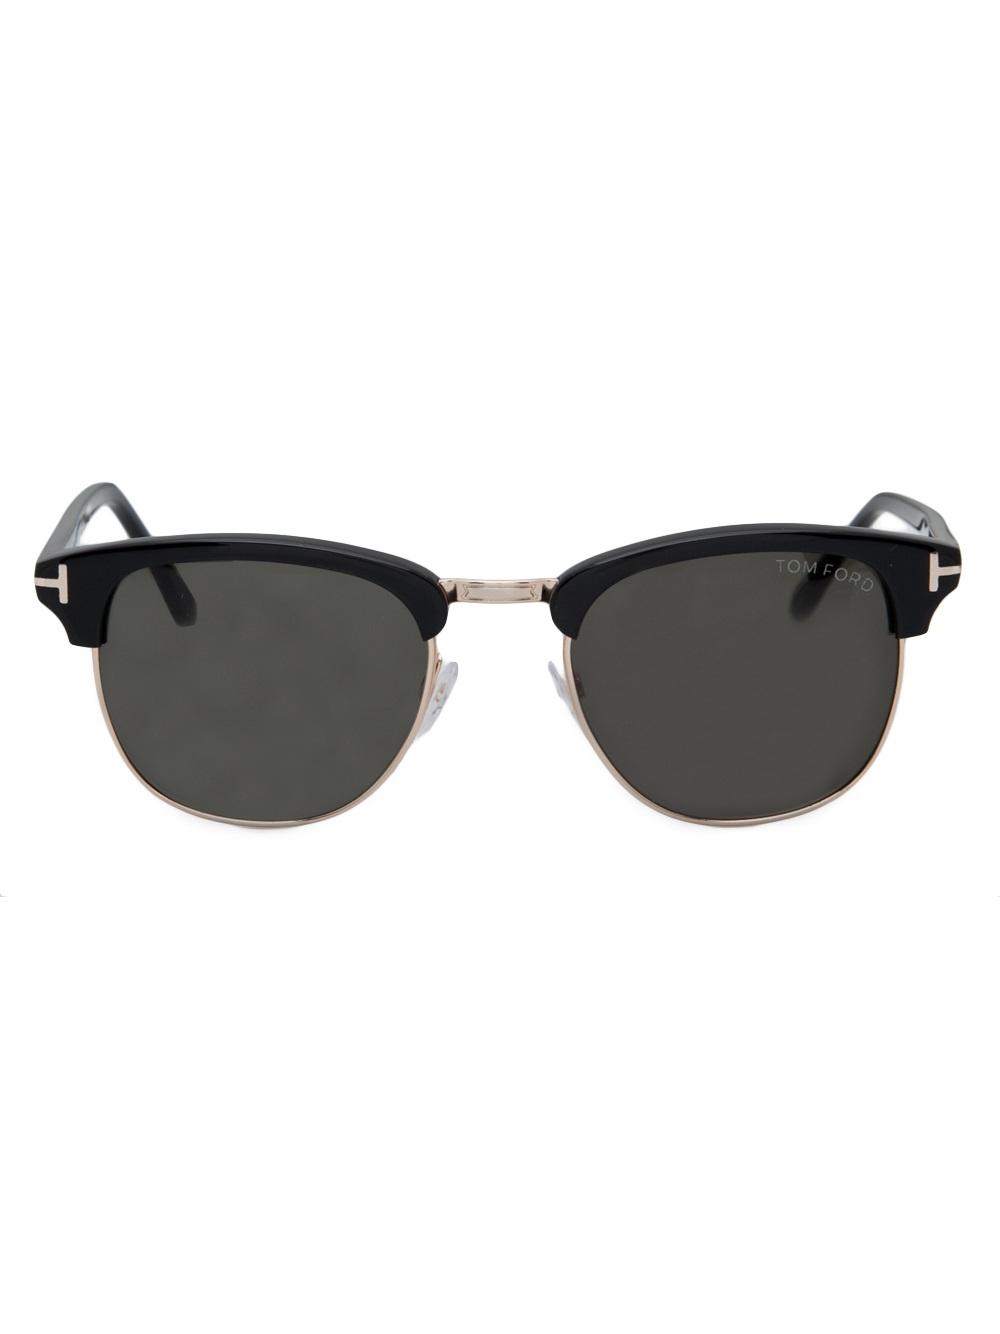 a84be786c07 Tom Ford Henry Vintage Wayfarer Sunglasses